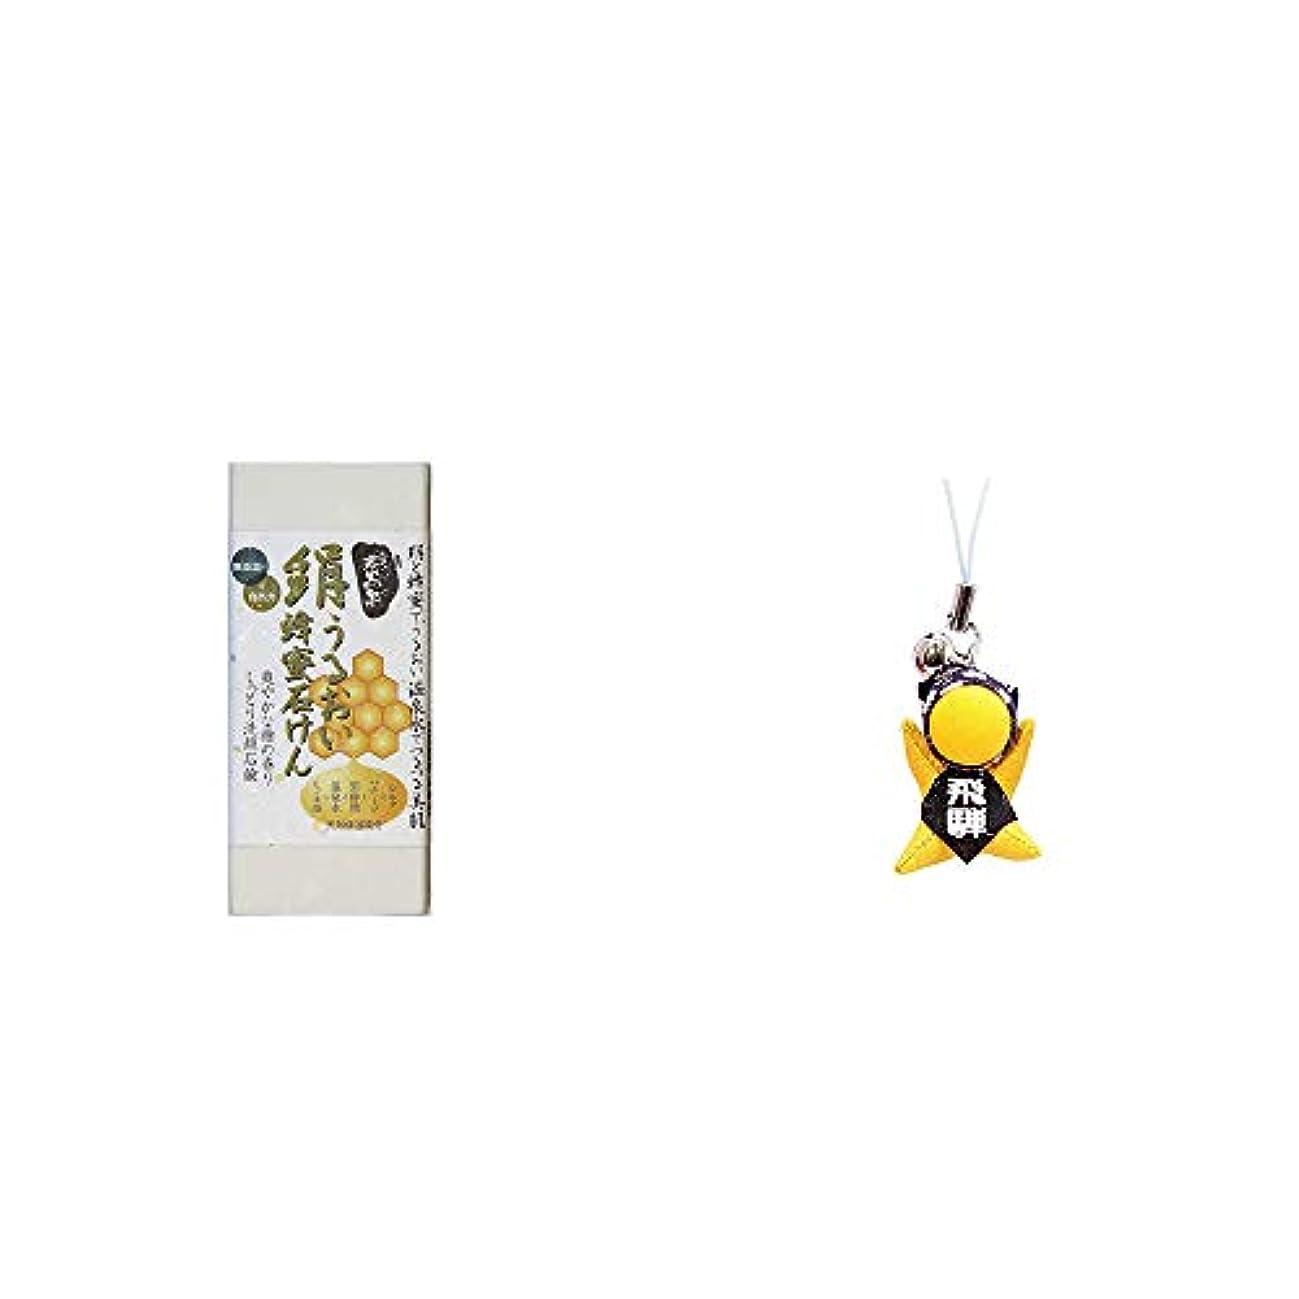 槍有能なナイロン[2点セット] ひのき炭黒泉 絹うるおい蜂蜜石けん(75g×2)?さるぼぼ幸福ストラップ 【緑】 / 風水カラー全9種類 健康 お守り//